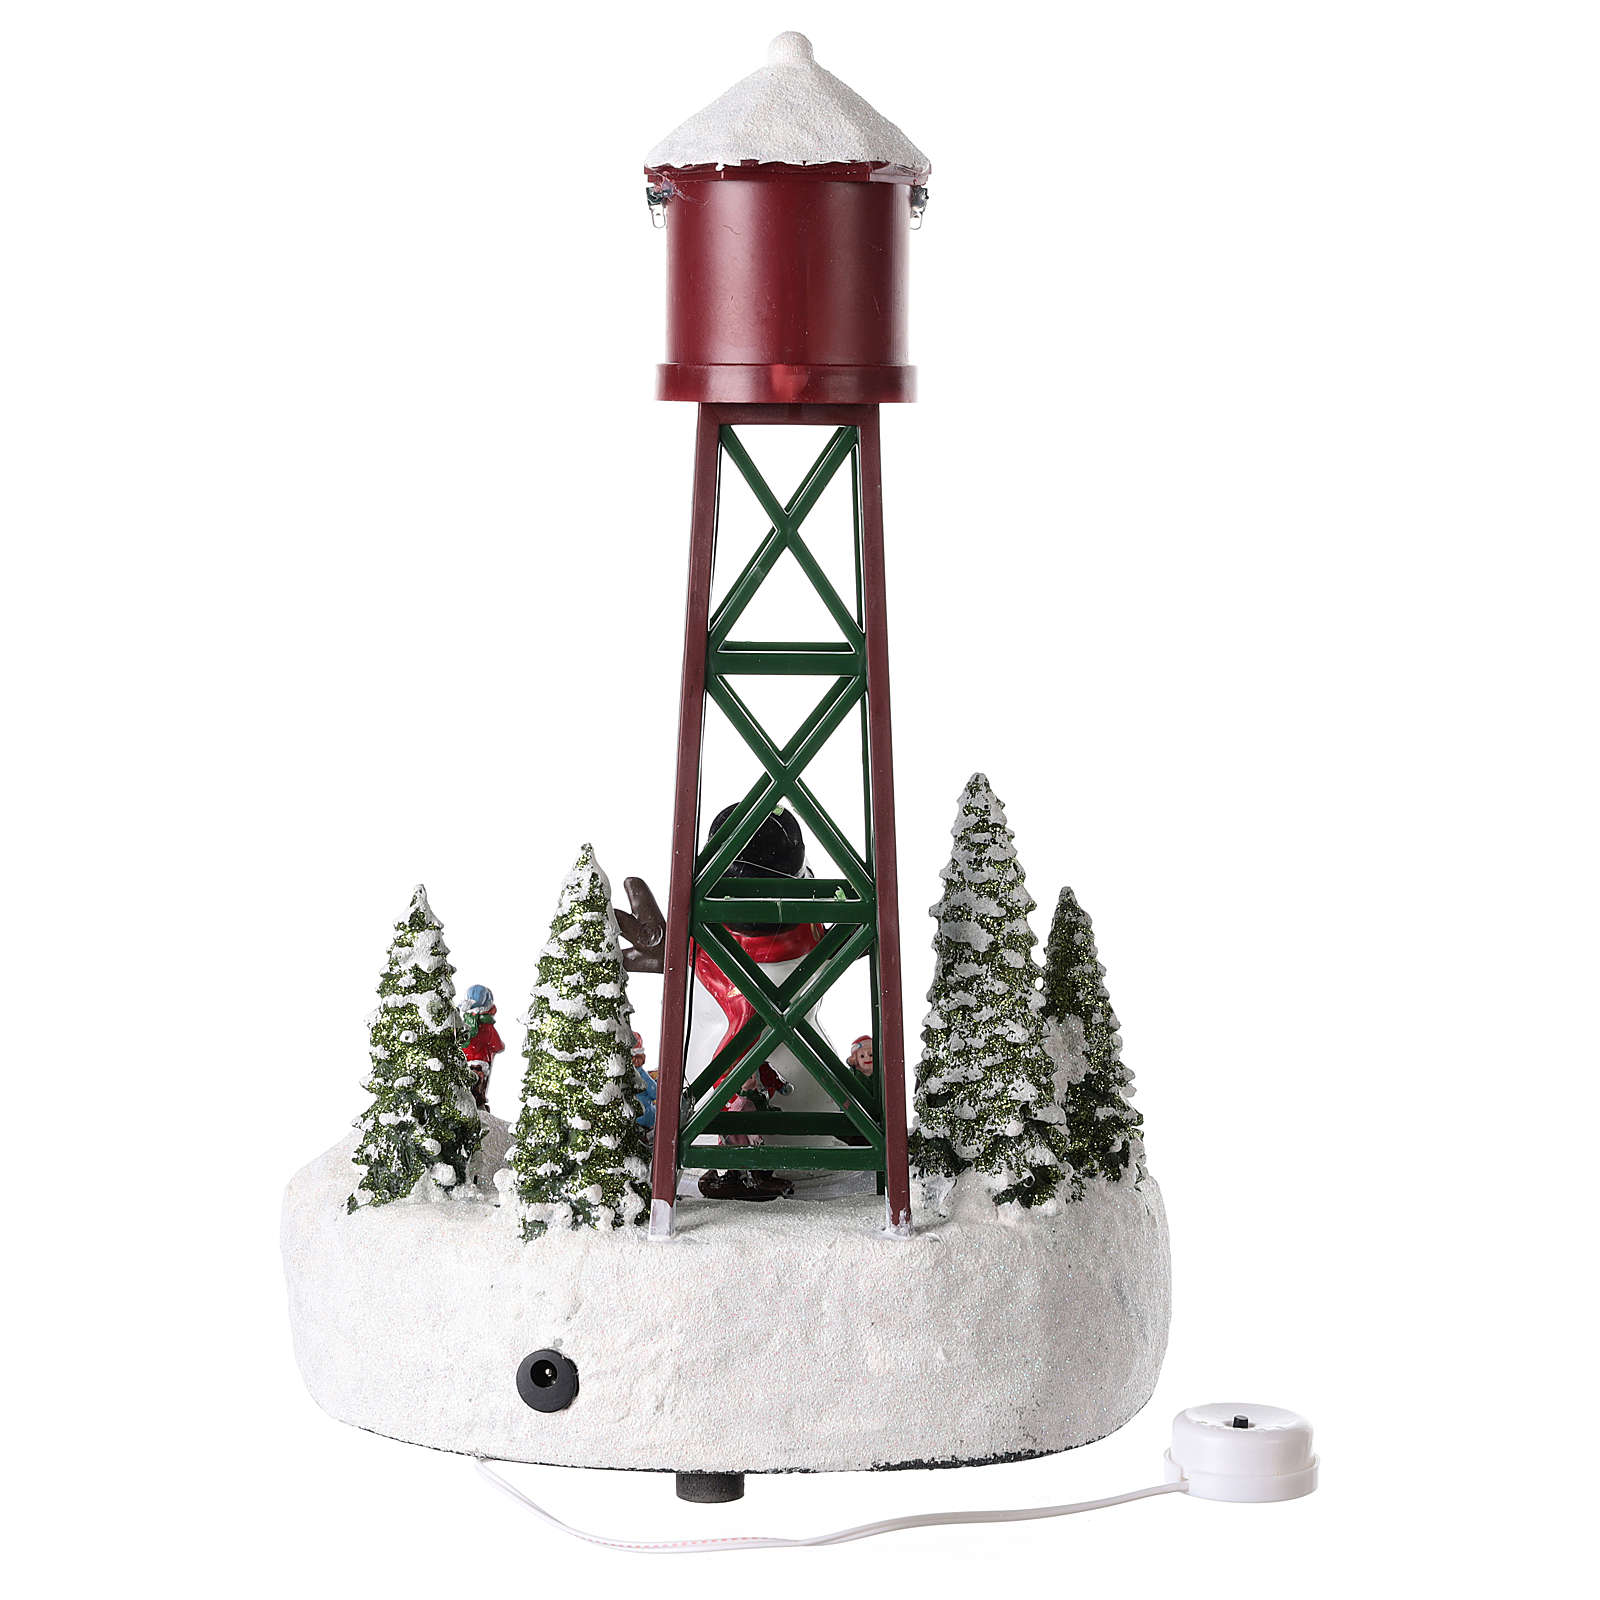 Aqueduto para cenário de Natal com boneco de neve 35x20 cm 3